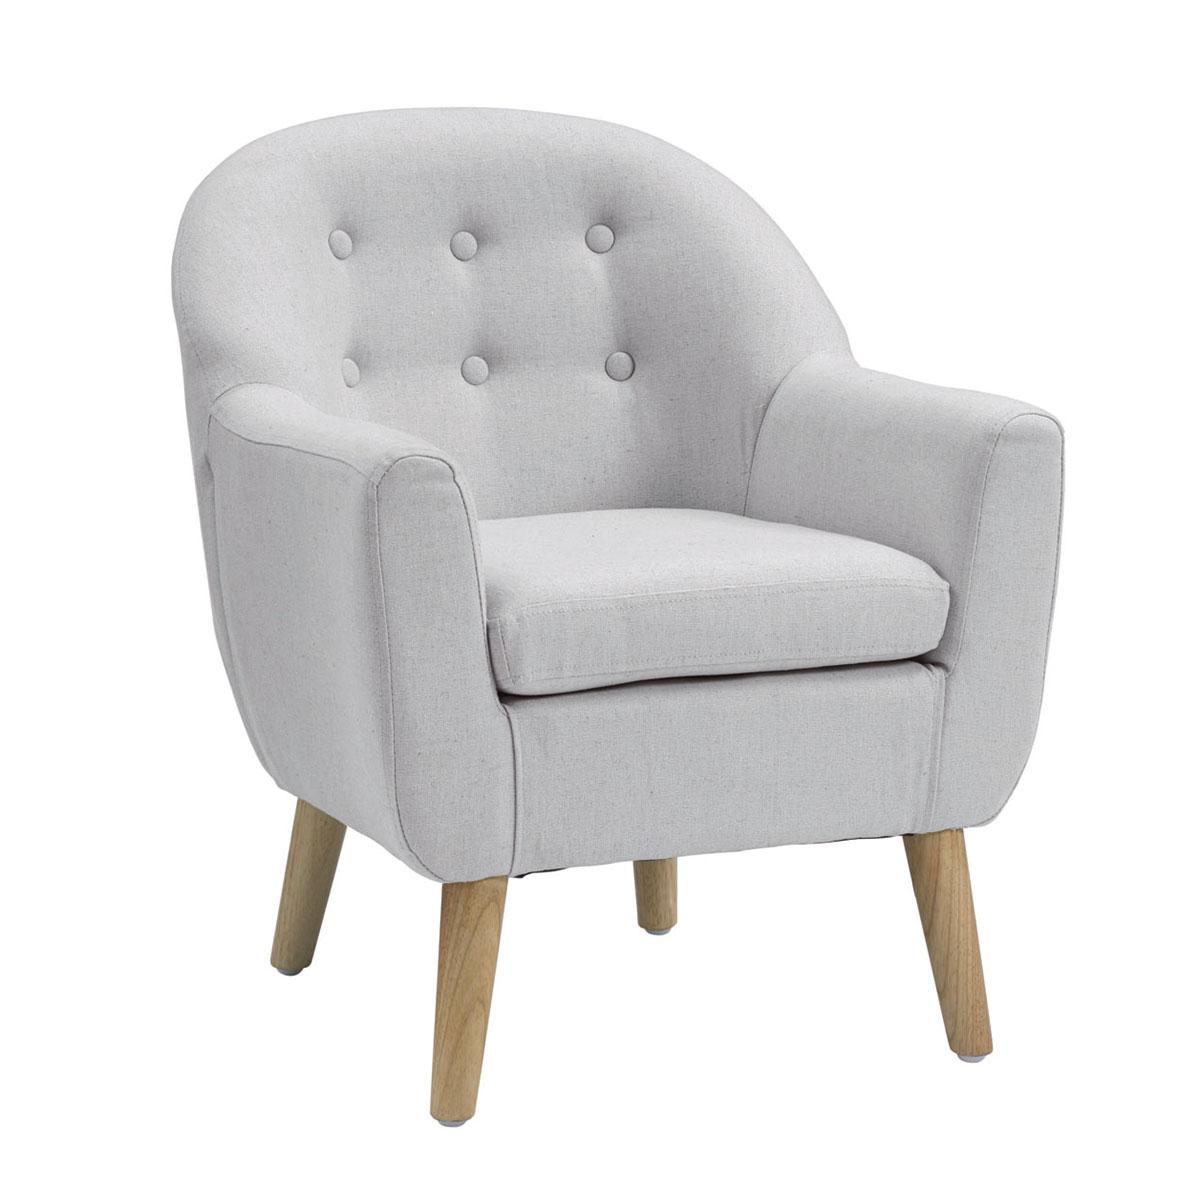 Image of   Kids Concept lænestol til børn - Grå